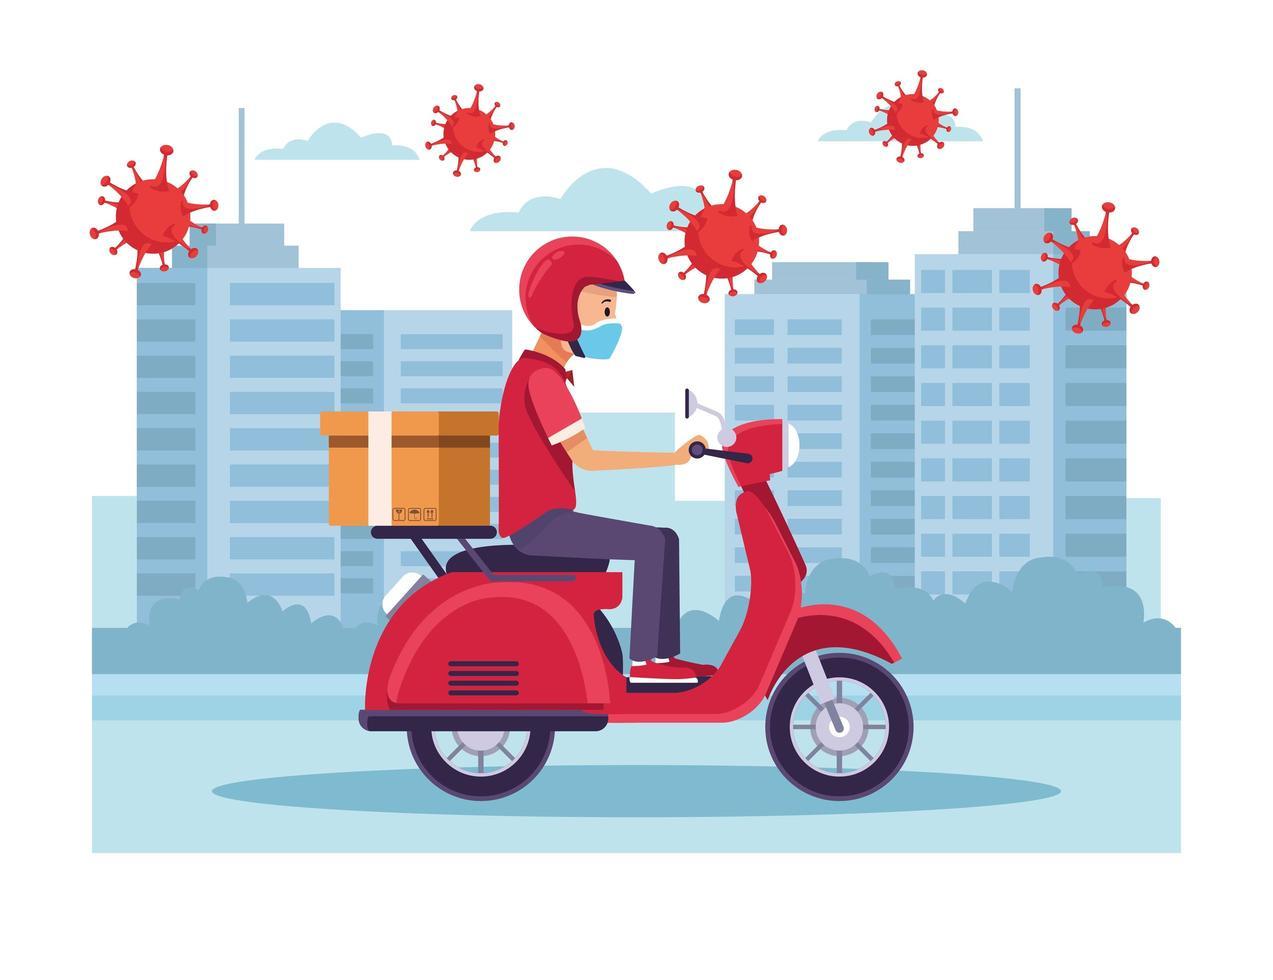 correio no serviço de entrega de motocicletas com partículas covid-19 vetor